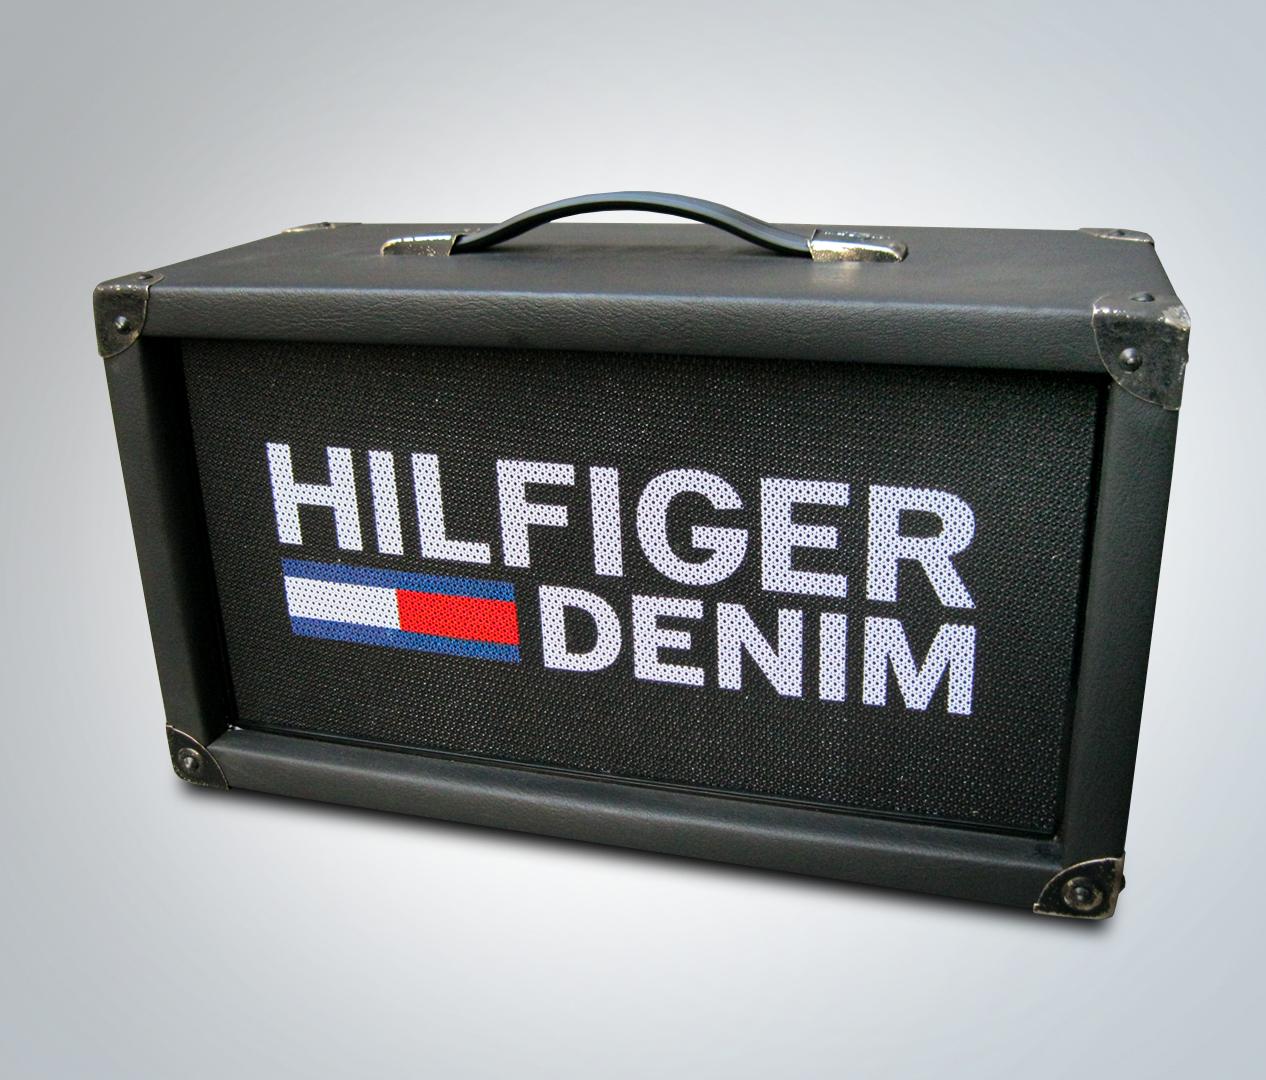 Brandplate Hilfiger Denim - Zweyloeven Werbeproduktion GmbH